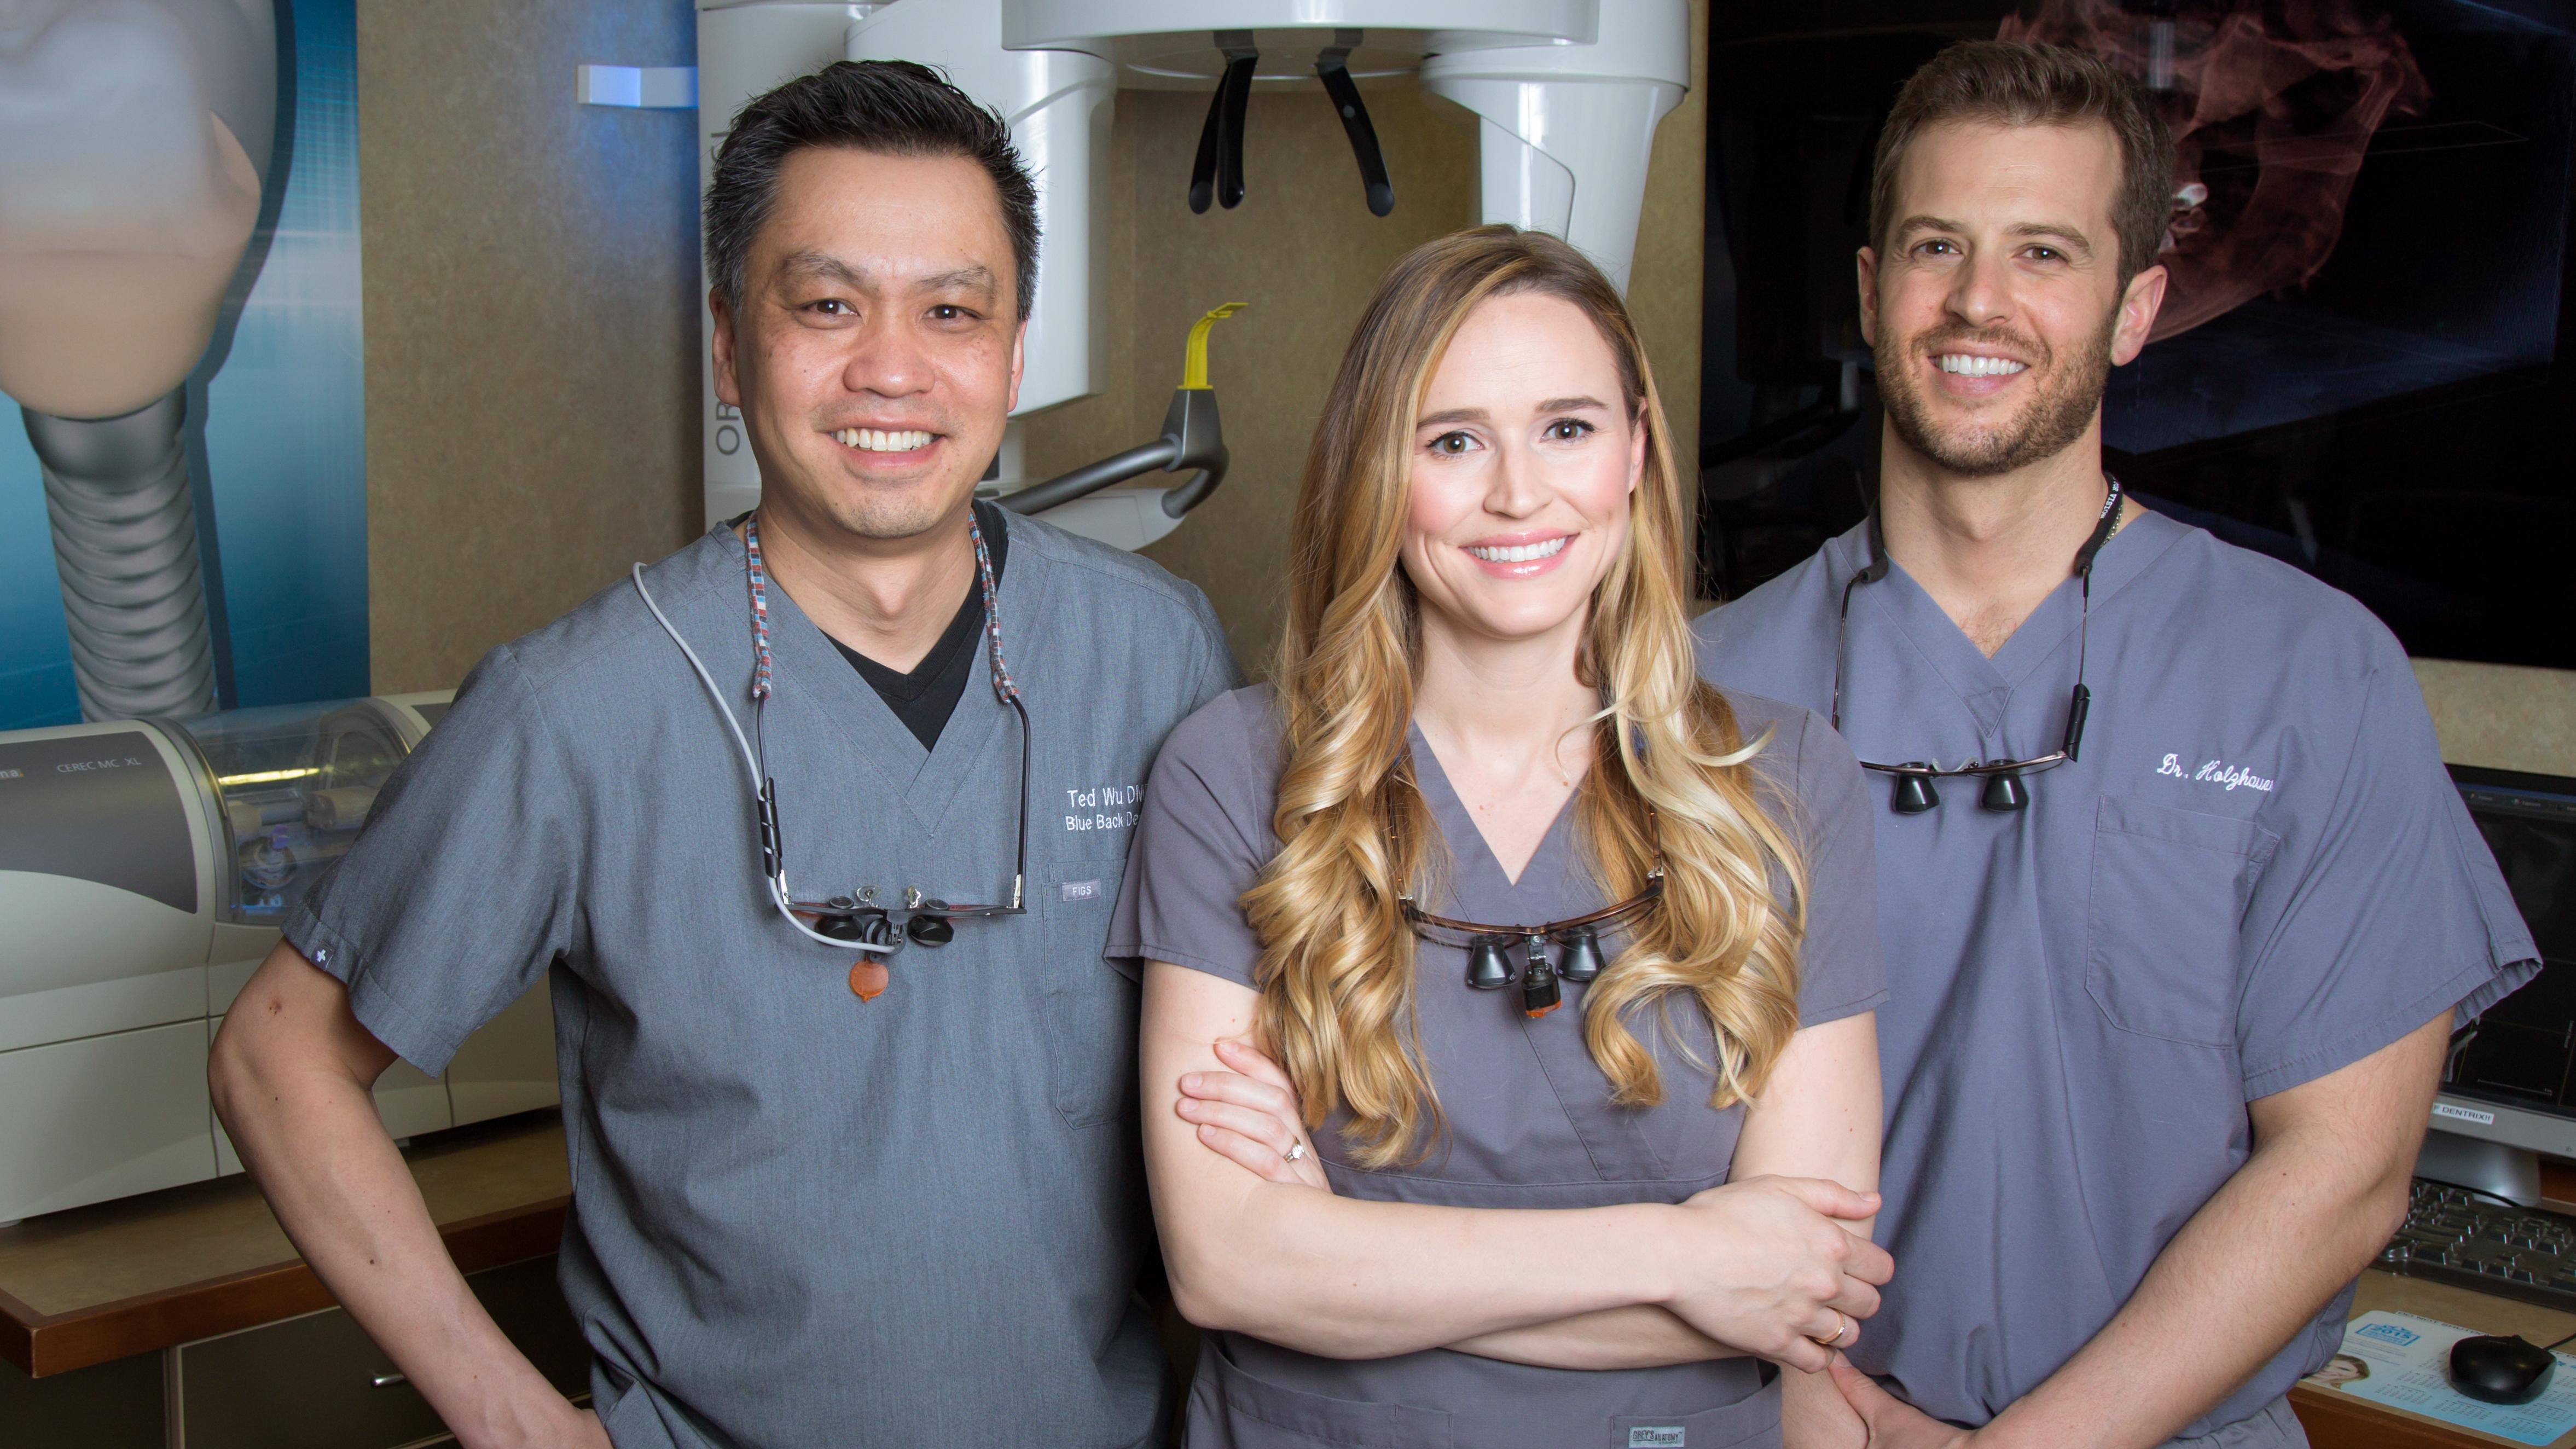 Blue Back Dental: West Hartford Dentistry reviews | Dentists at 65 Memorial Rd #400 - West Hartford CT